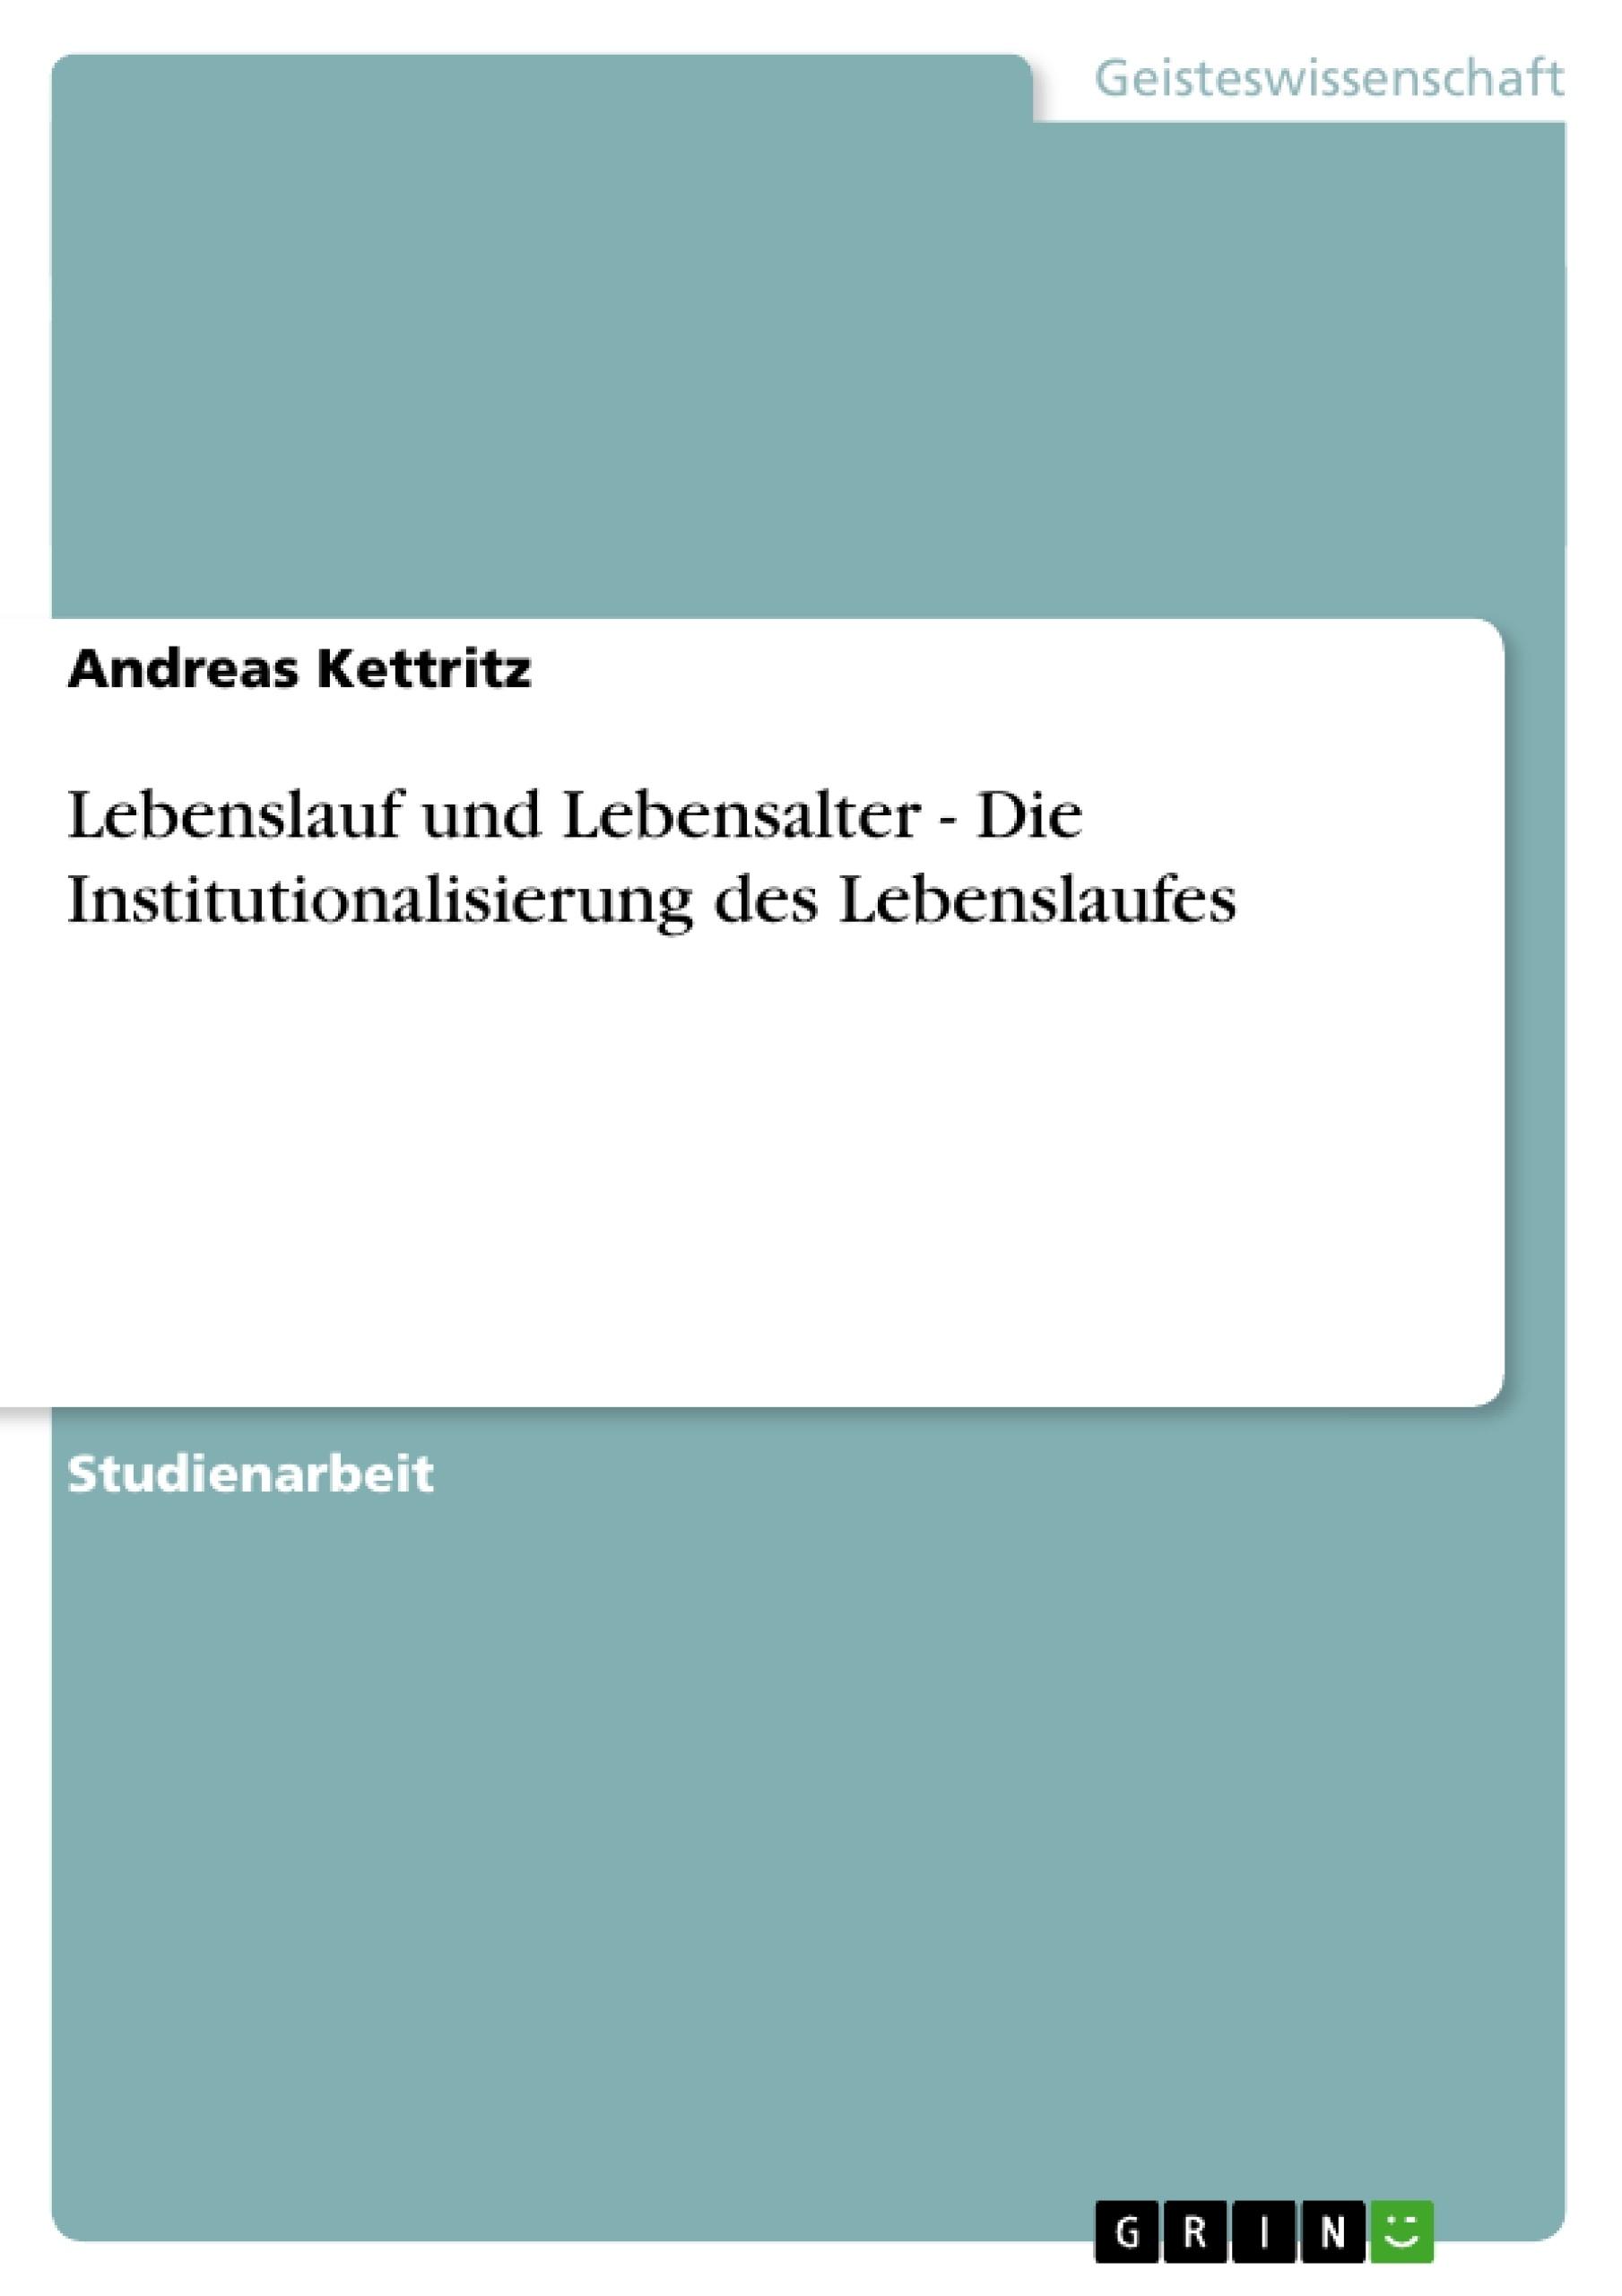 Lebenslauf und Lebensalter - Die Institutionalisierung des ...